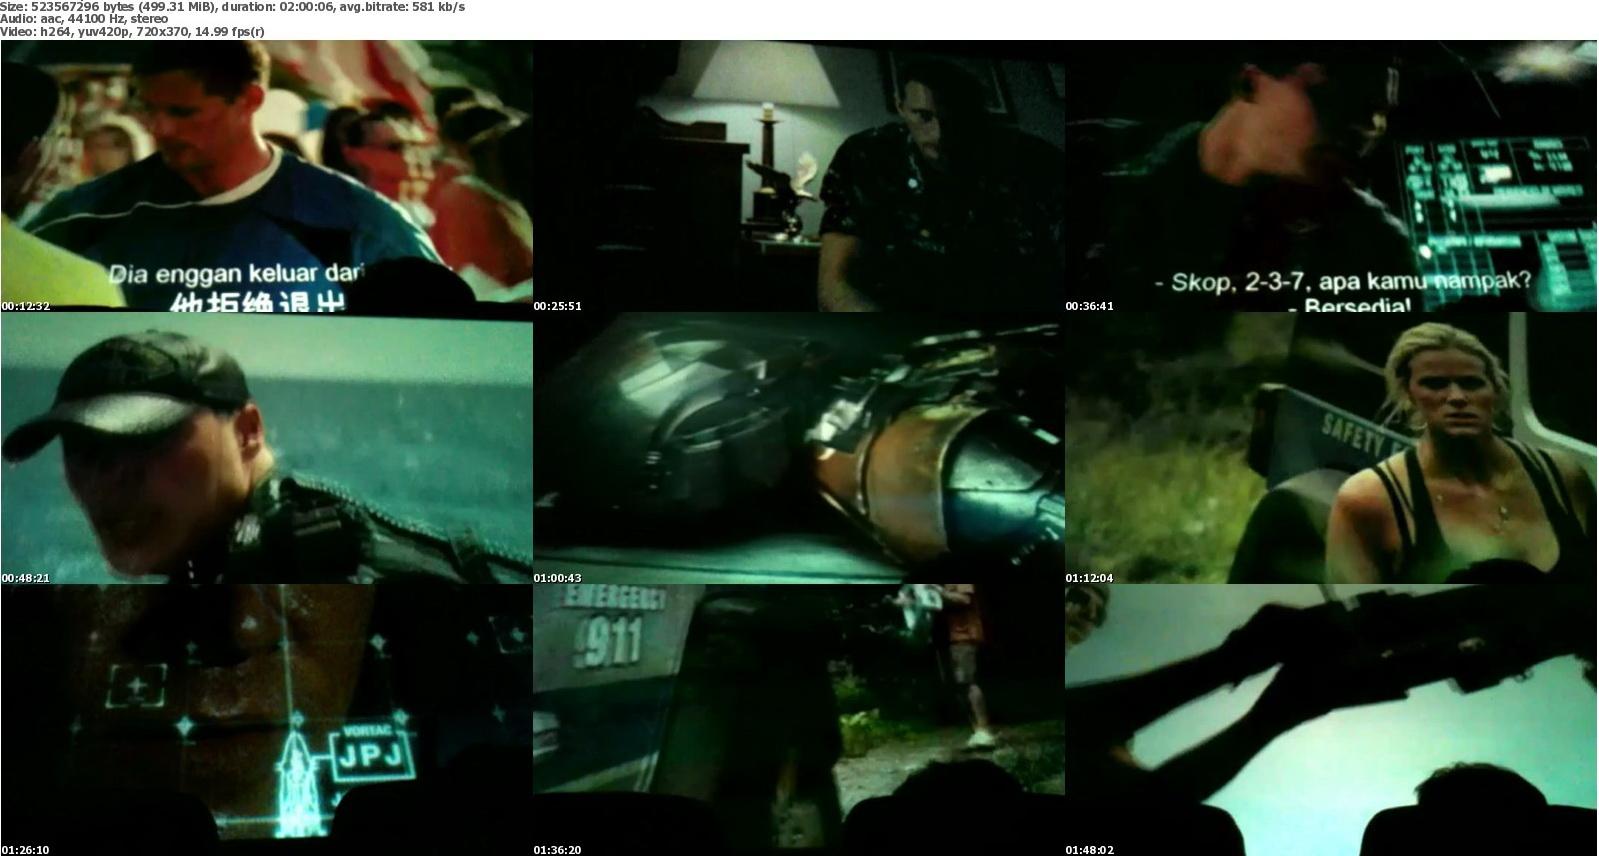 http://2.bp.blogspot.com/-QglD-B8j6A4/T422bPPXpxI/AAAAAAAAEEY/XLMxcj3J87o/s1600/battleship+cam.jpg